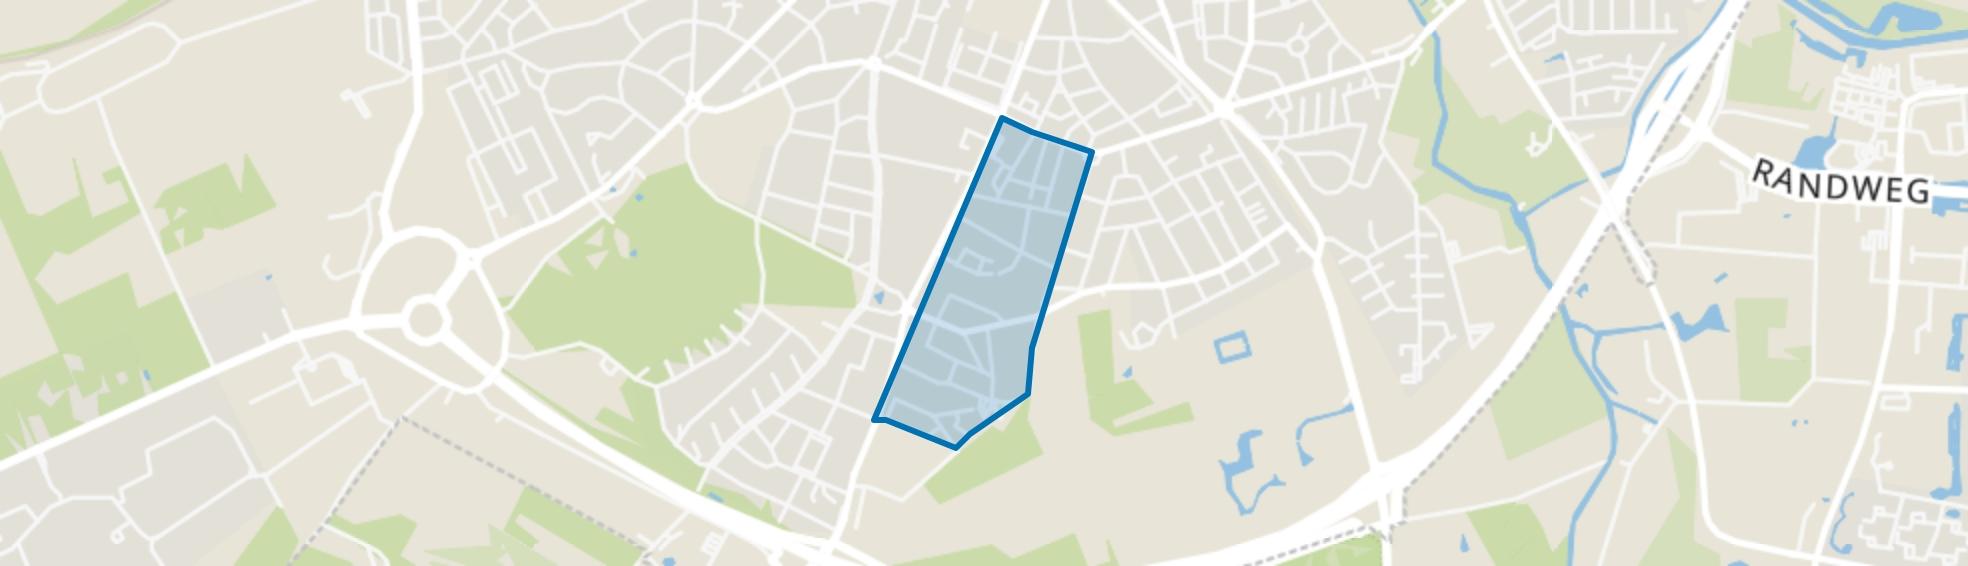 Voltastraat, Amersfoort map